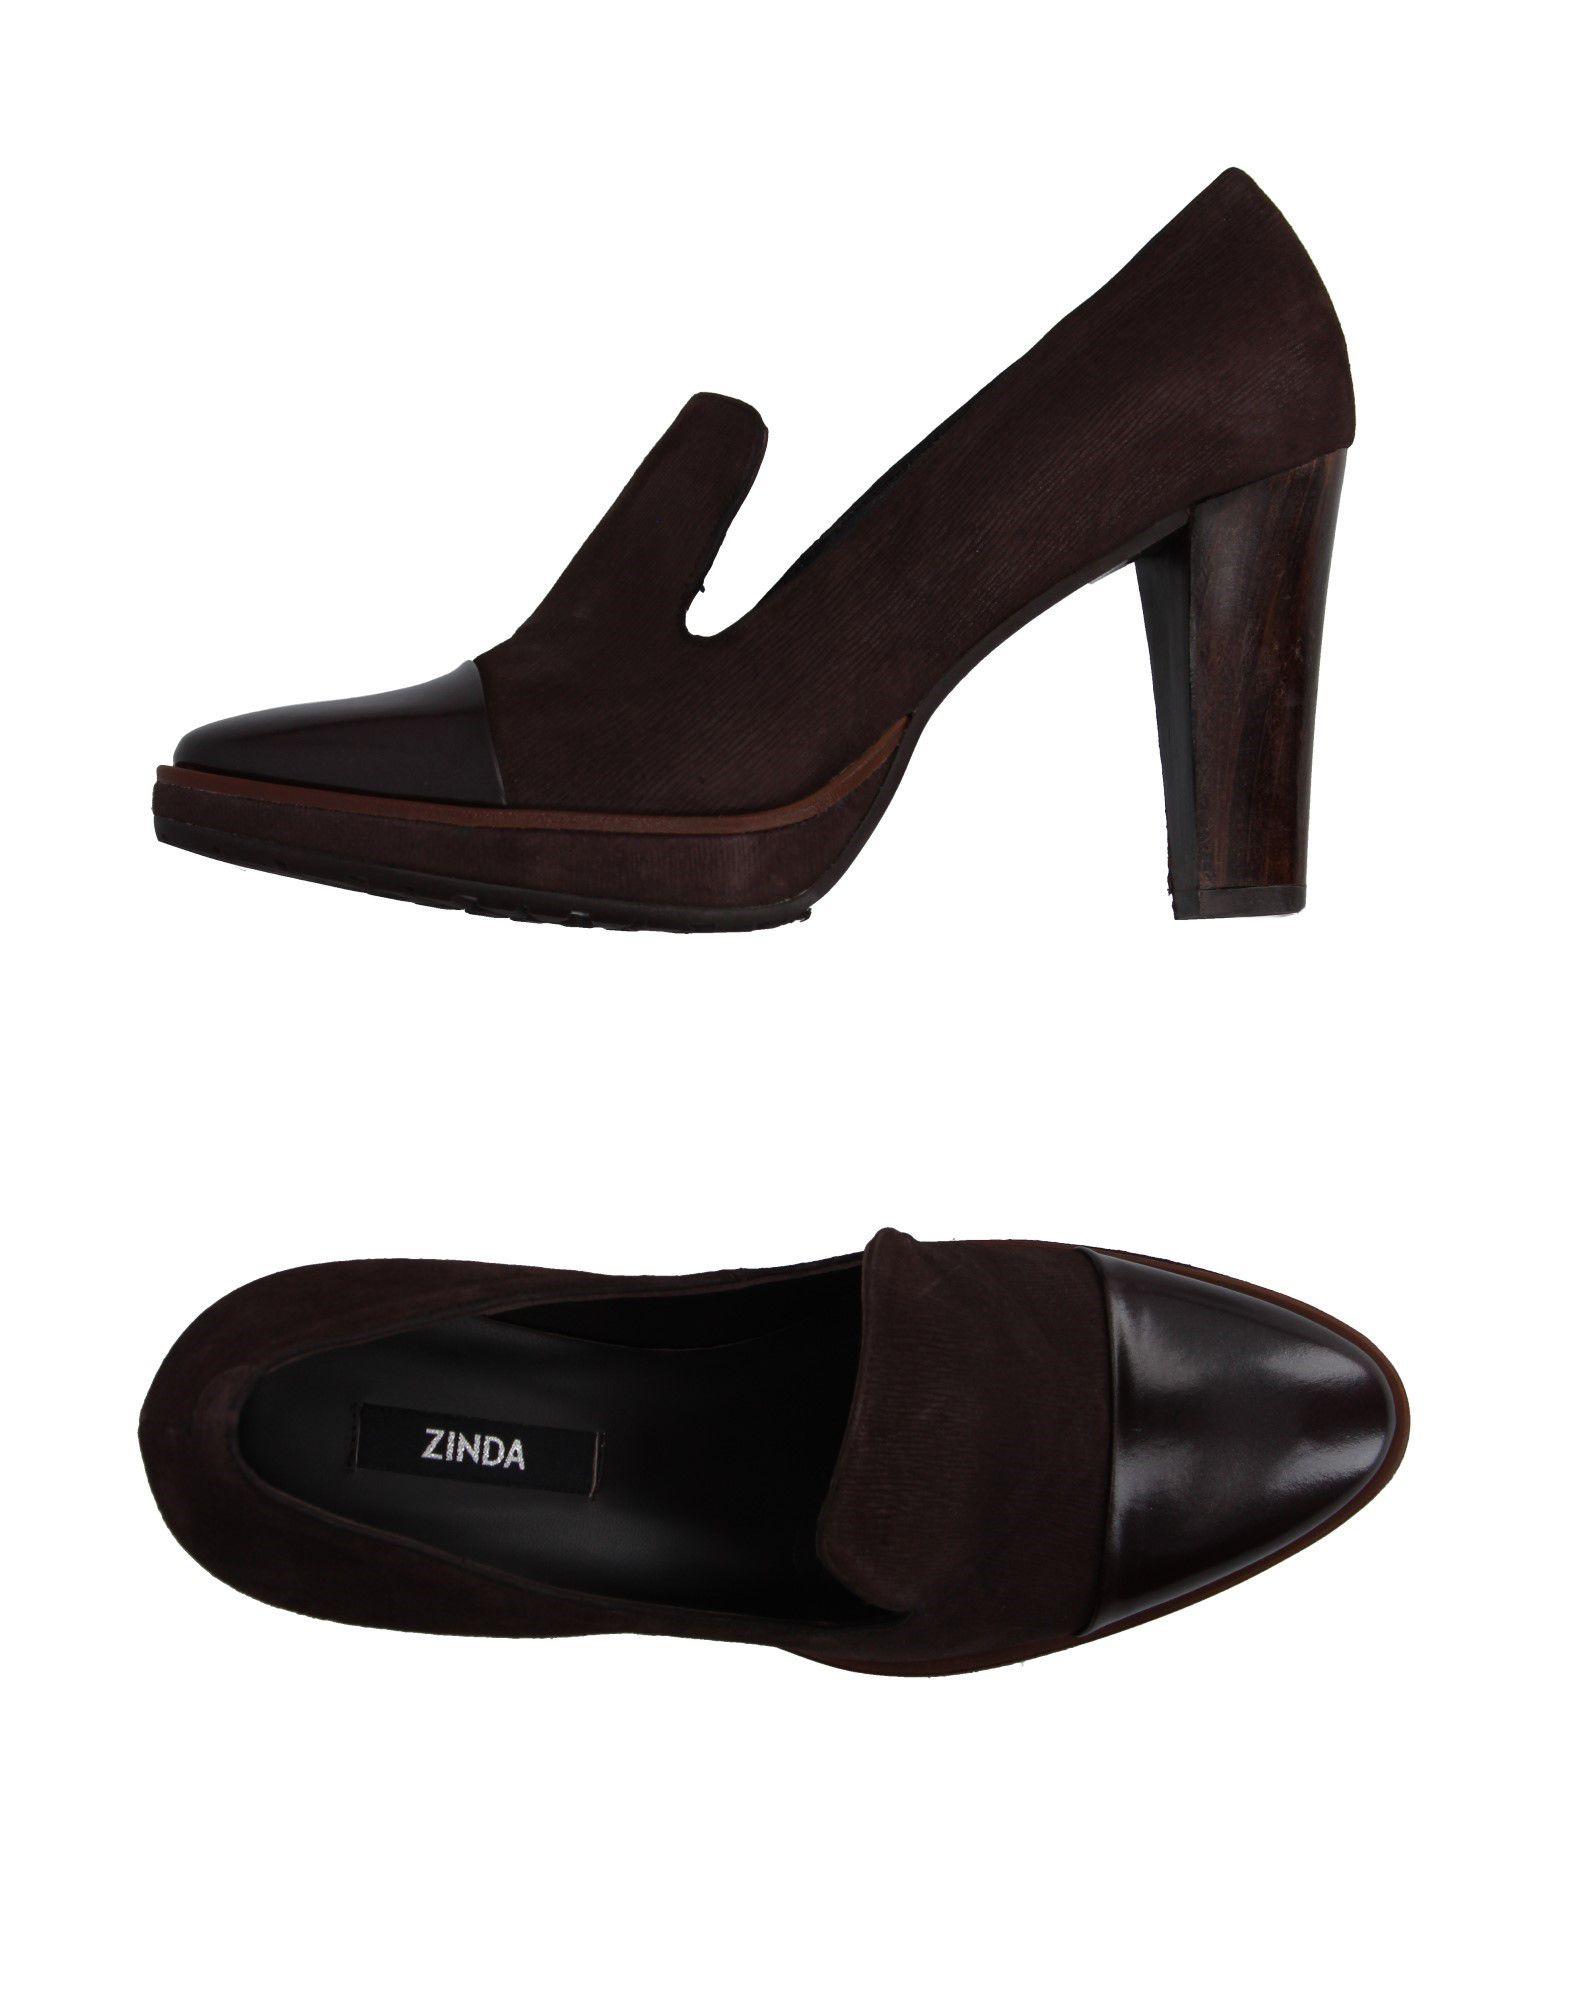 Zinda Mokassins Damen  11094003ML Gute Qualität beliebte Schuhe